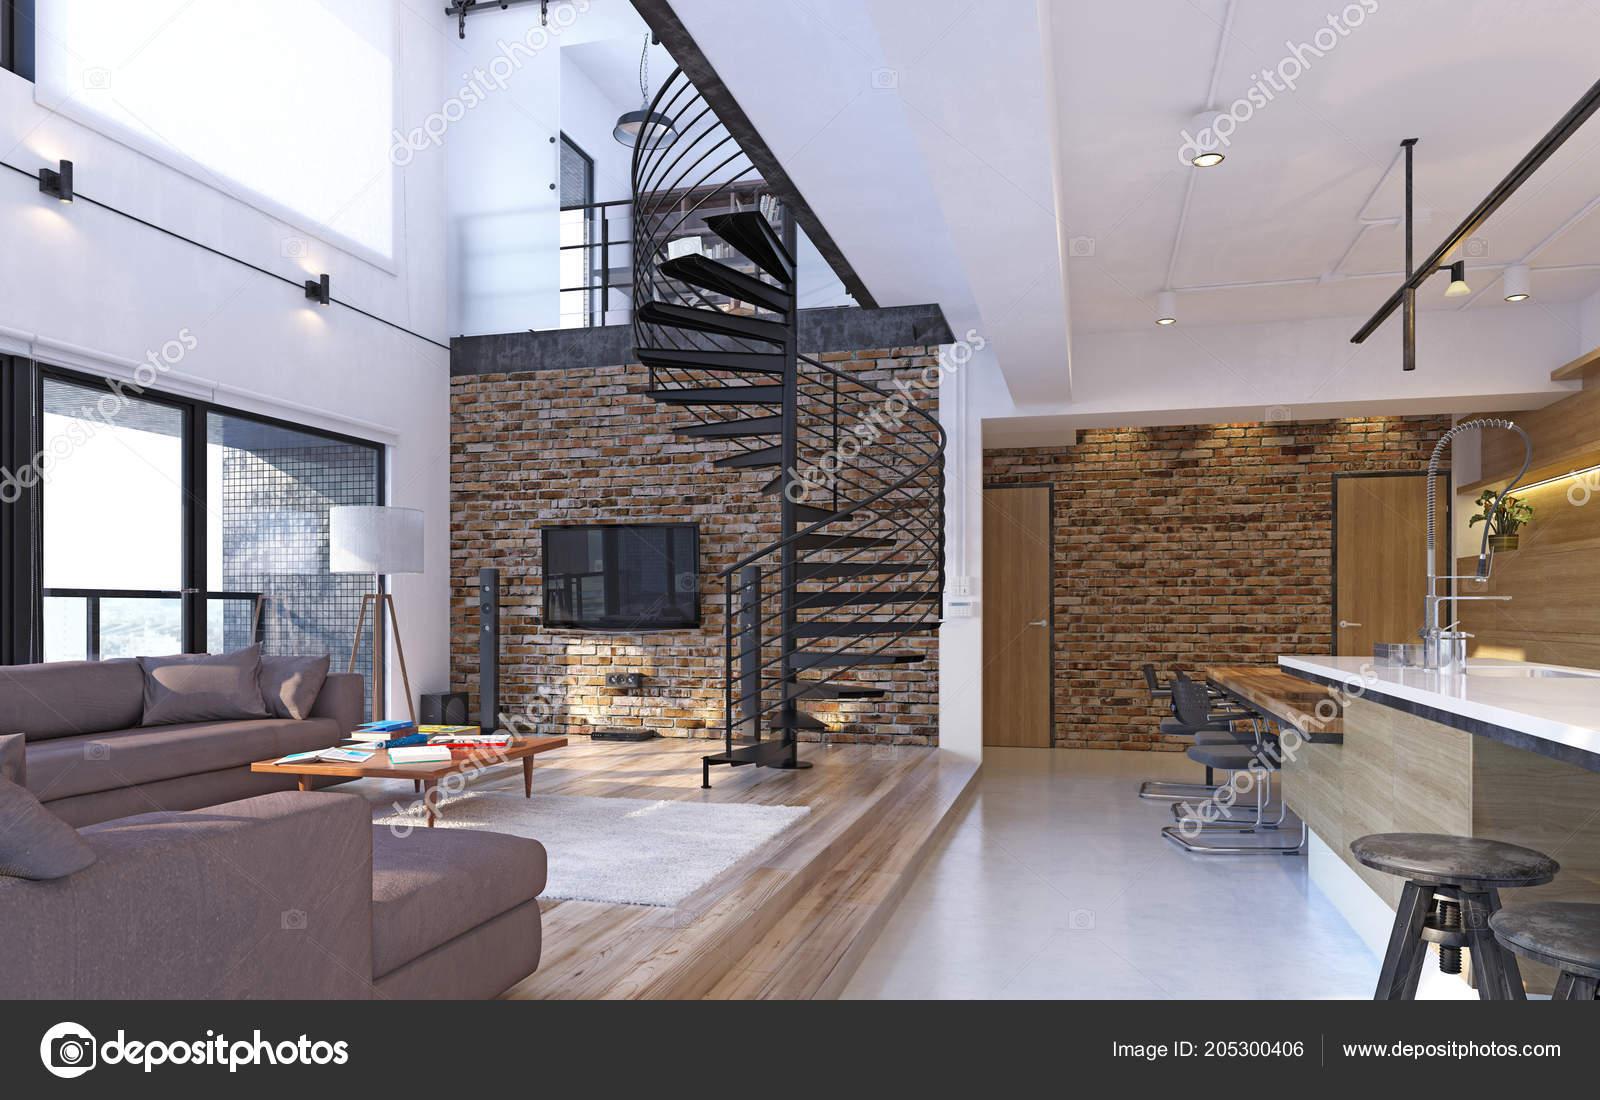 Luxus modernen loft wohnung interieur rendering konzept